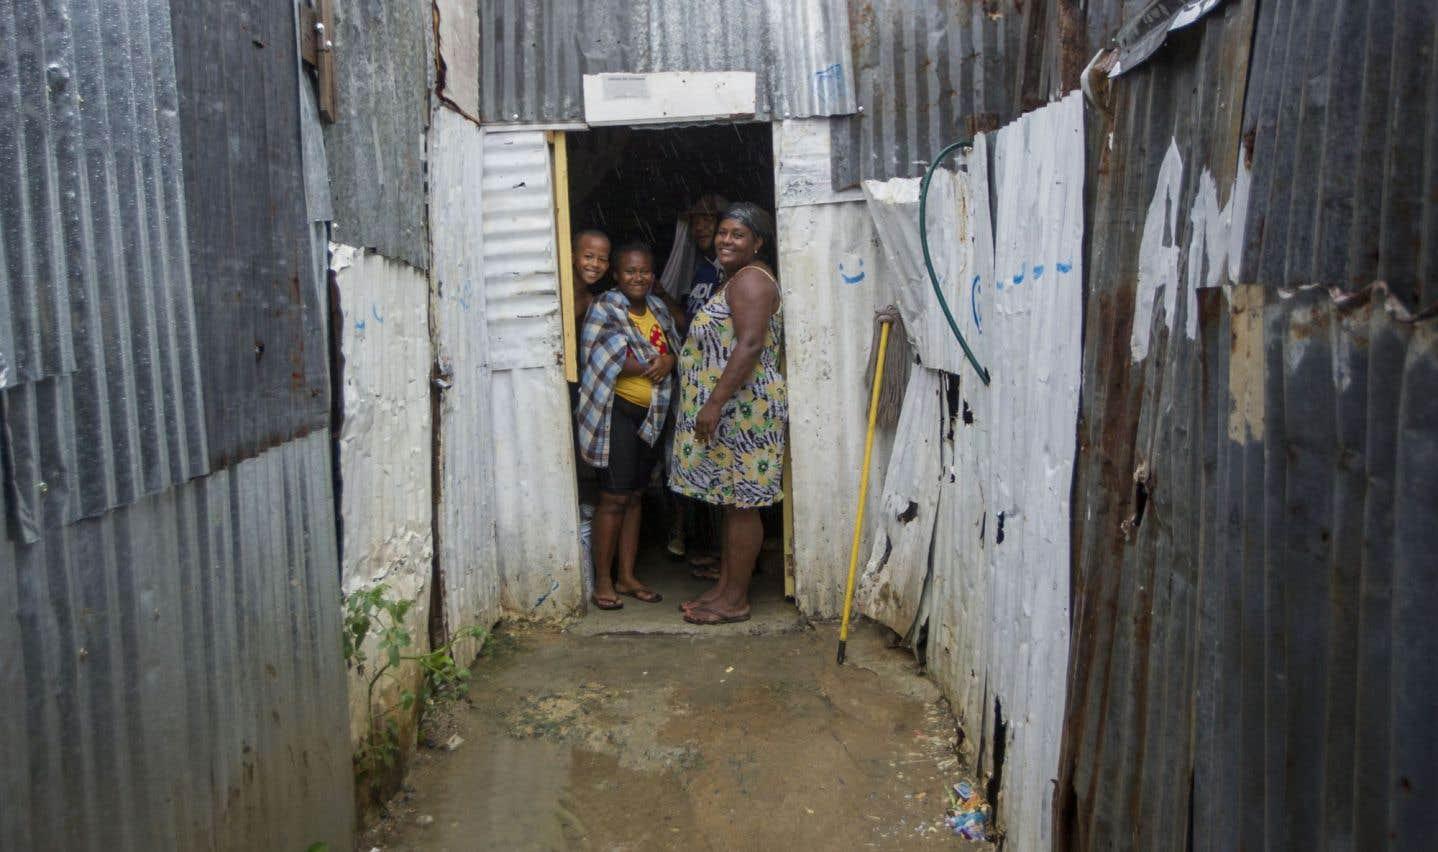 Des Dominicains se réfugient dans leur maison dans le quartier de La Cienaga, le 7 septembre, en vue de l'arrivée d'«Irma».